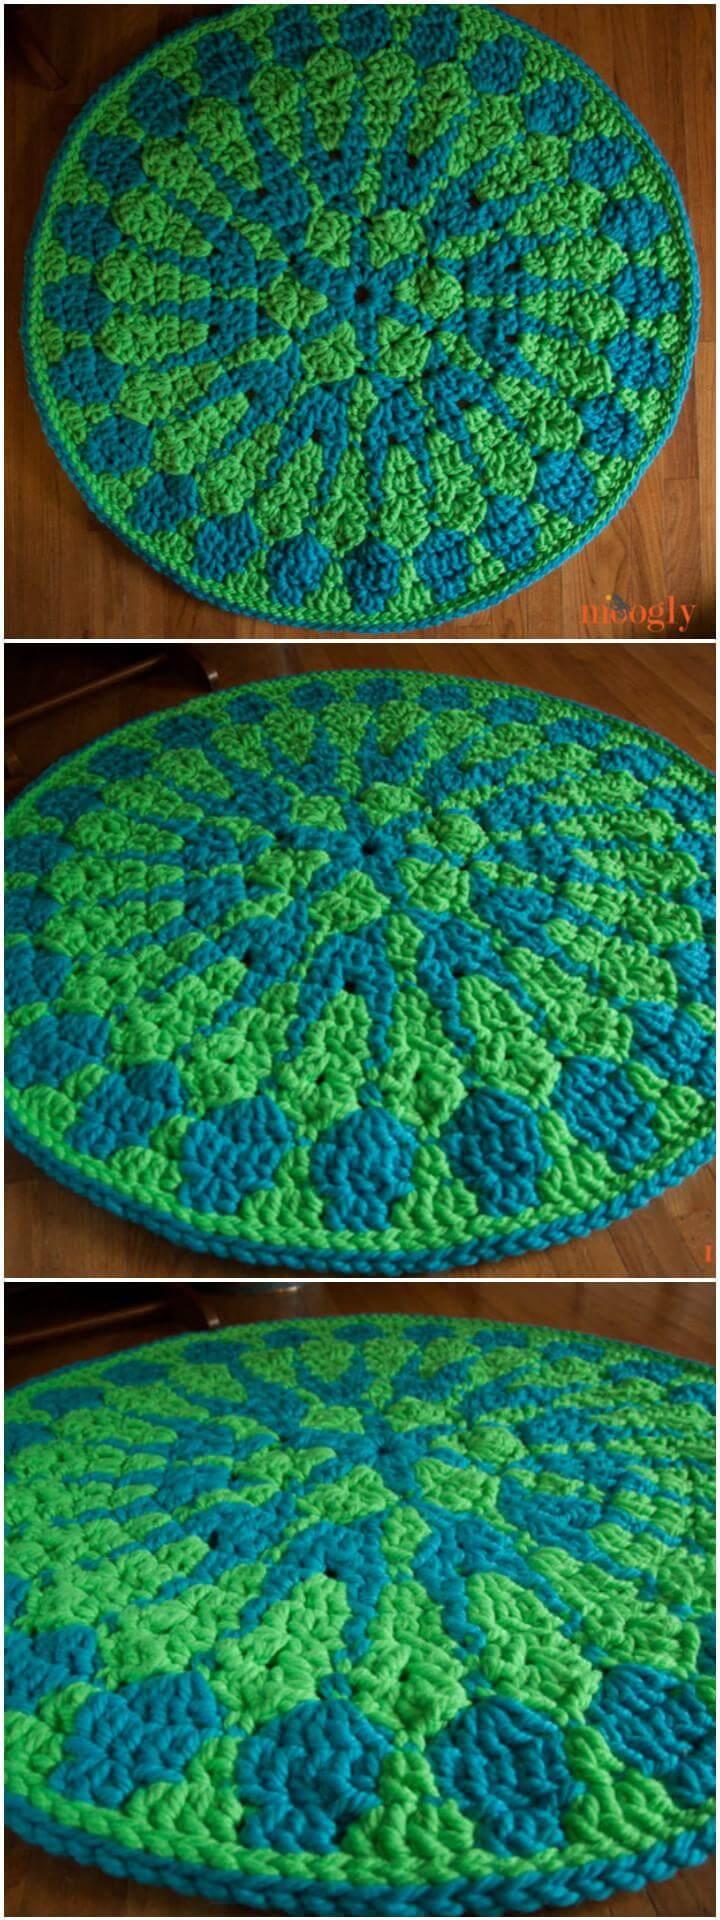 Mandala impactante de crochet de 2 colores